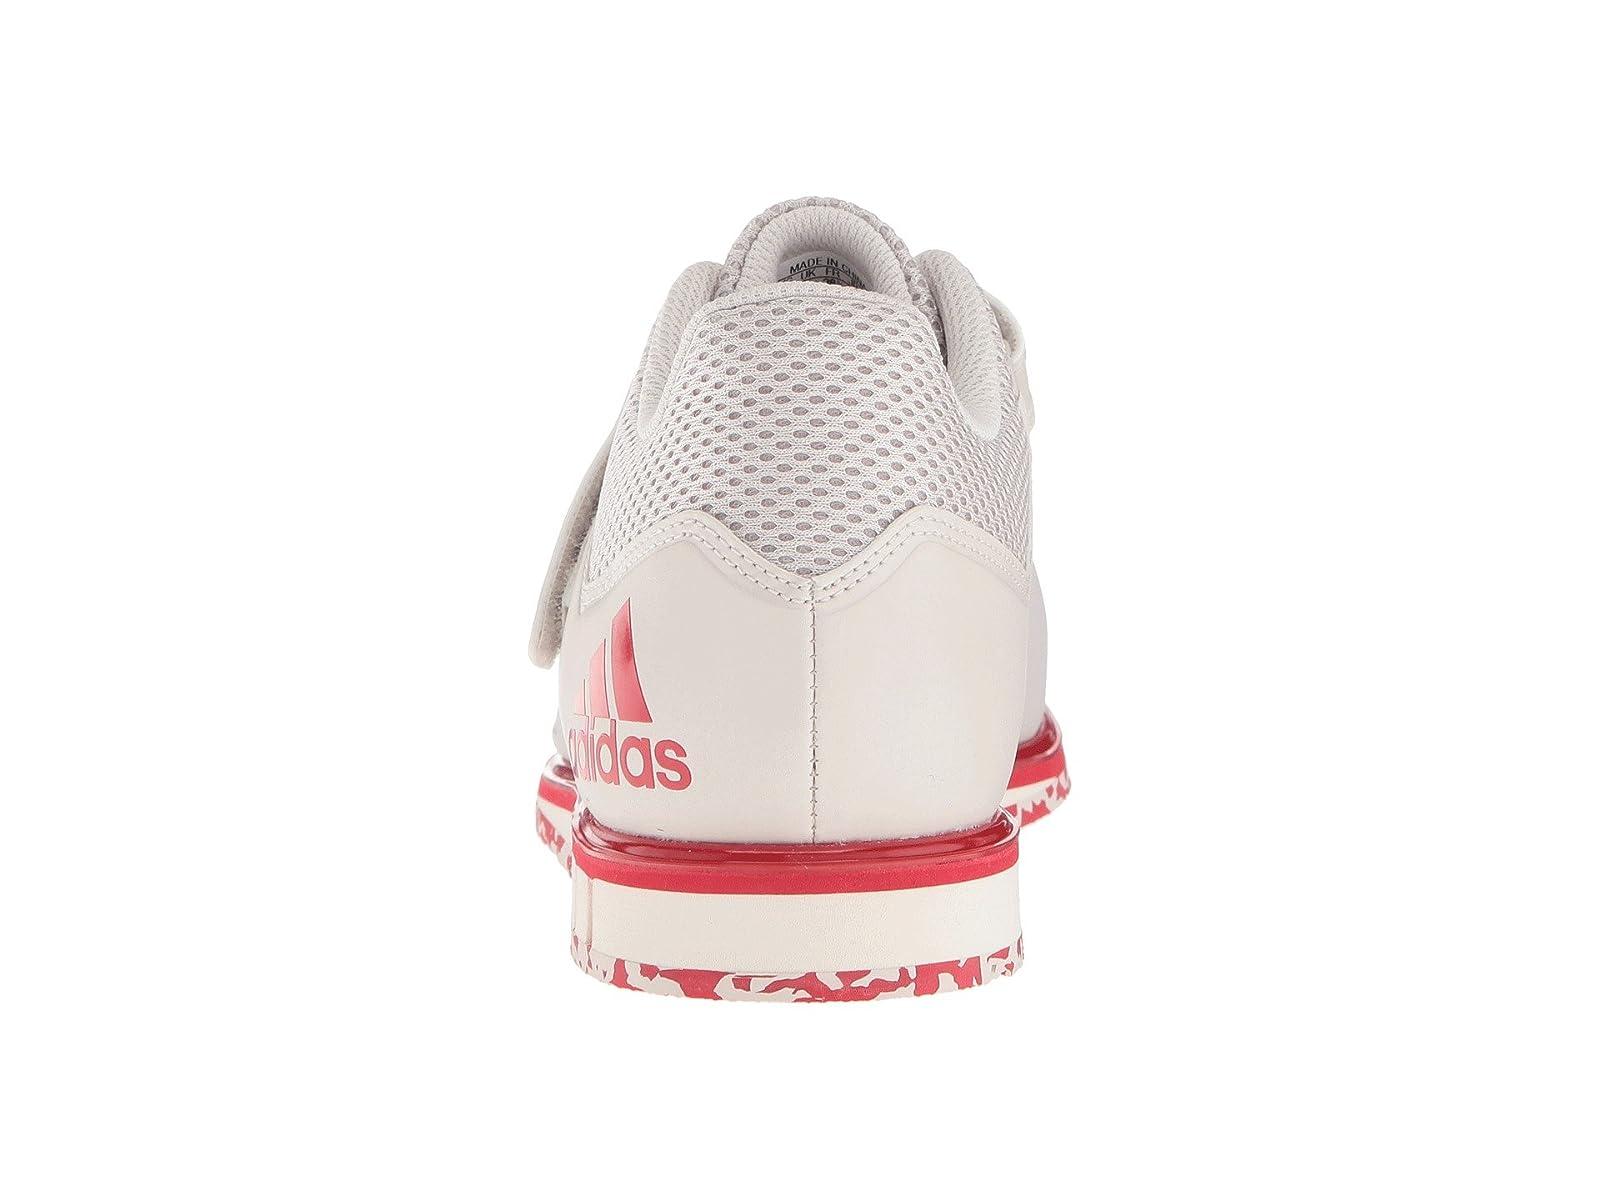 Gentlemen/Ladies Man/Woman adidas Powerlift 3.1 3.1 3.1 Sale Price Low price processing c01863